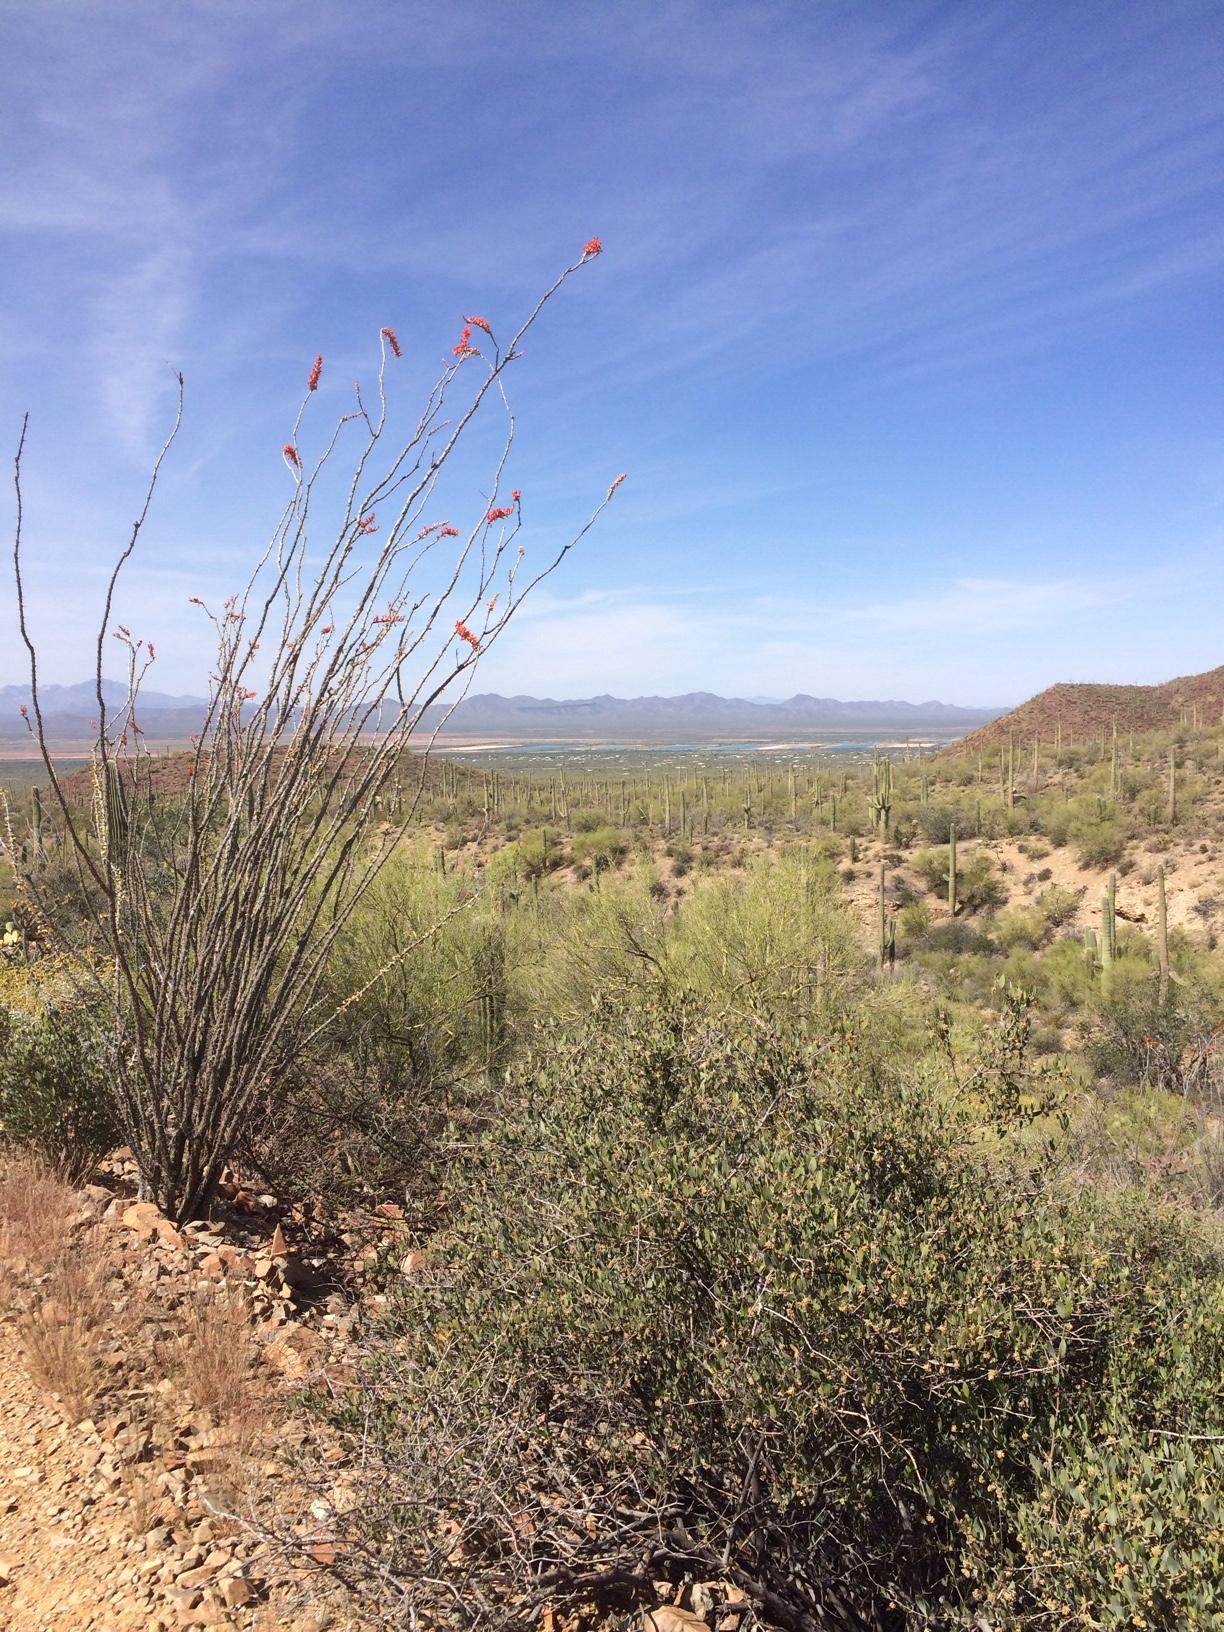 Kings canyon desert view